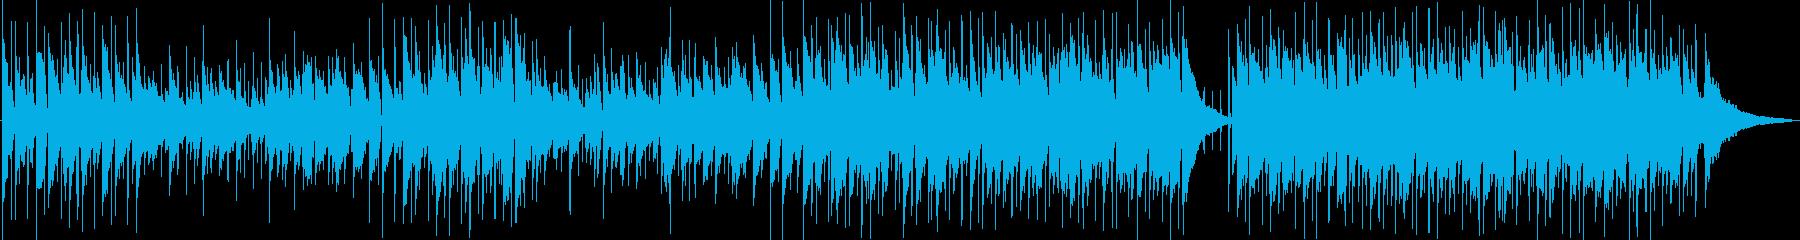 ポップソフトロックインスト。陽気な...の再生済みの波形